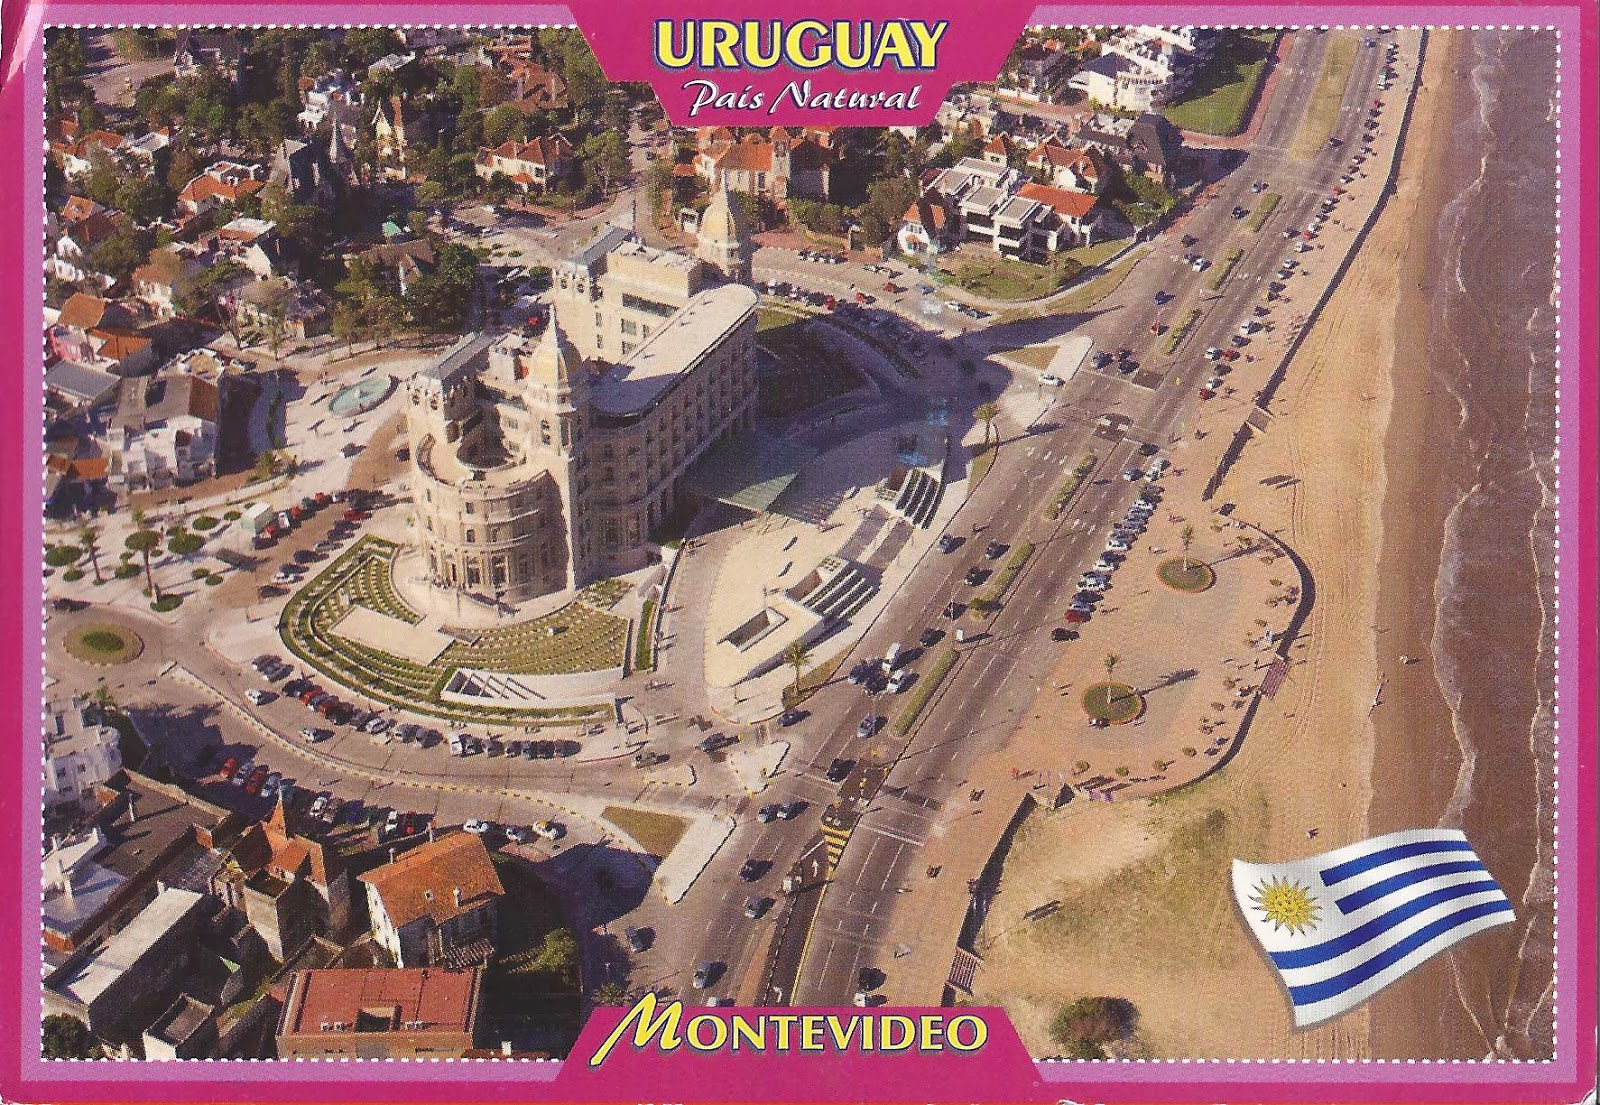 Pošalji mi razglednicu, neću SMS, po azbuci - Page 20 Uruguay2